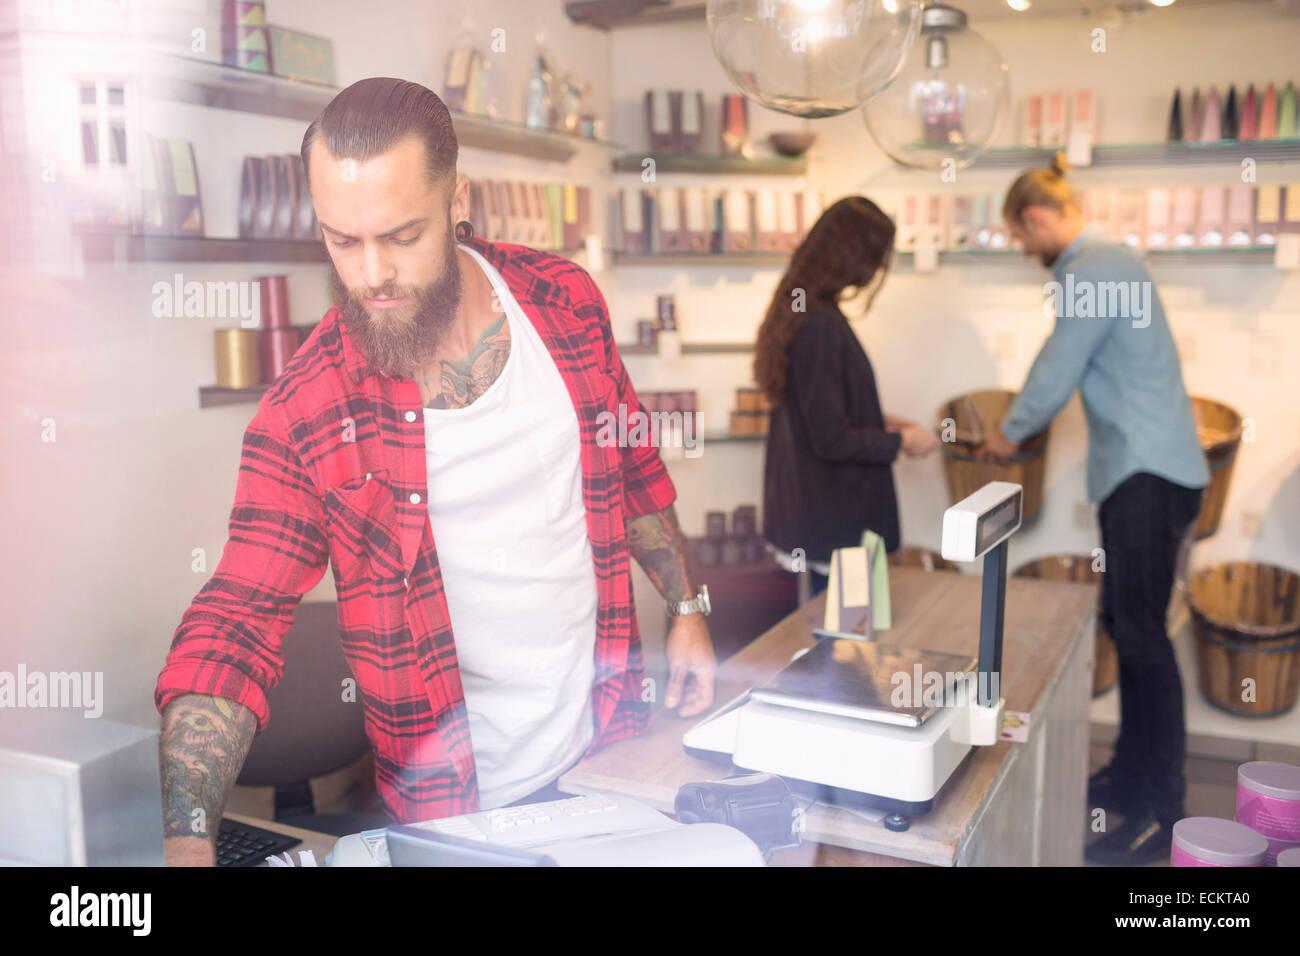 Propriétaire debout à caisse alors que les clients shopping en arrière-plan Photo Stock